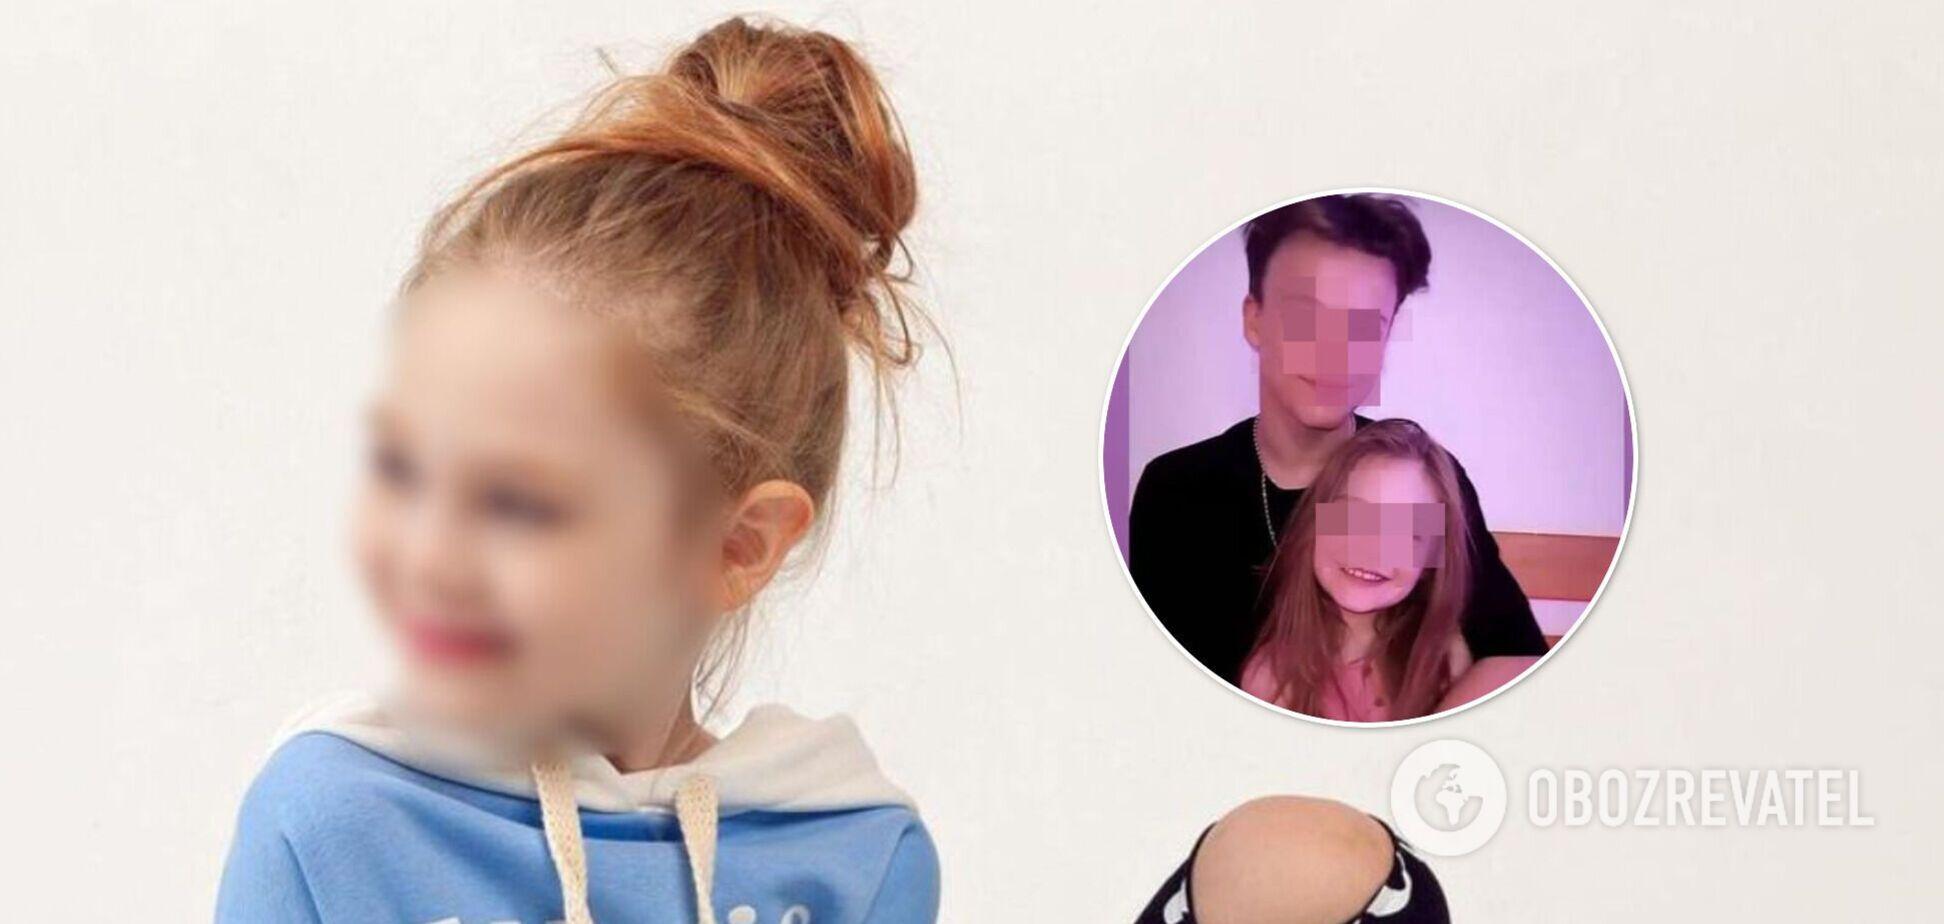 8-летняя Маханец впервые встретилась после скандала с 13-летним парнем